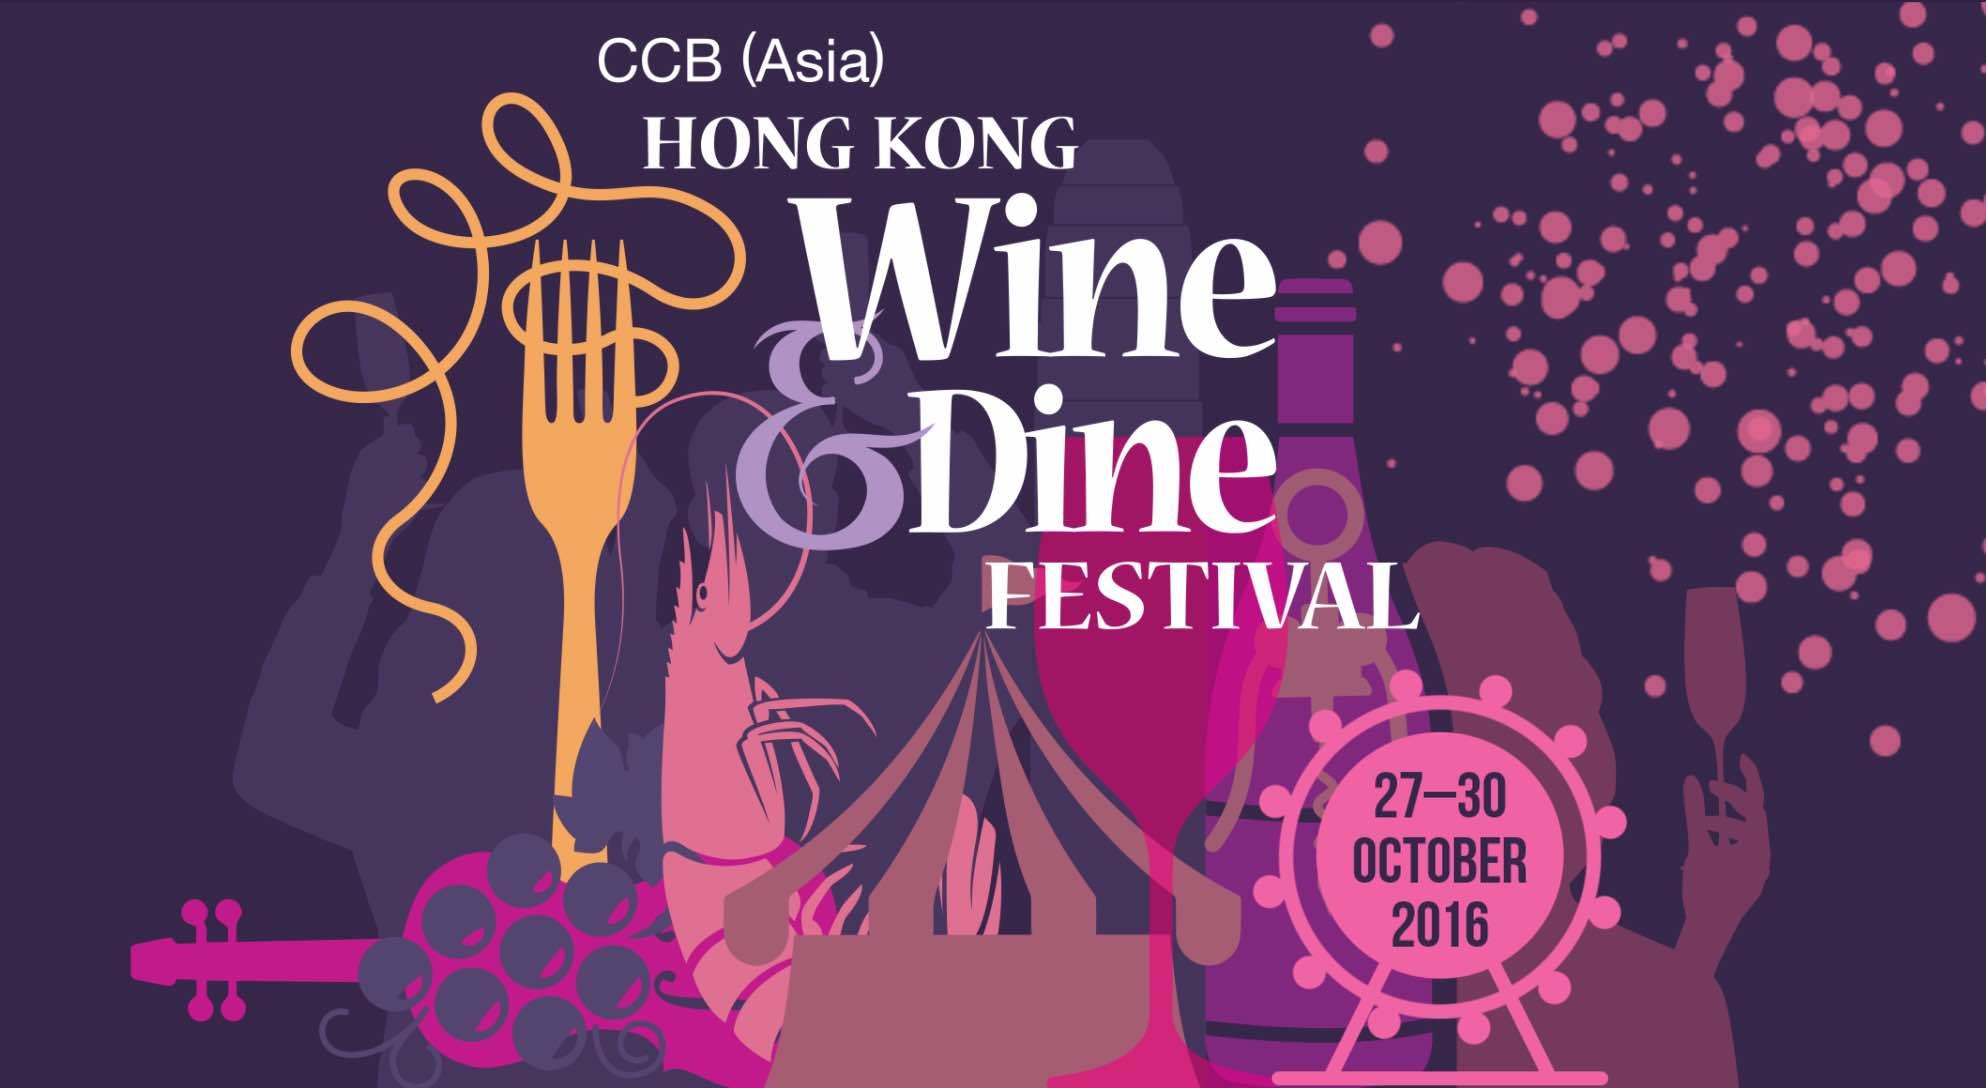 hong-kong-wine-dine-festival-2016-aspirantsg